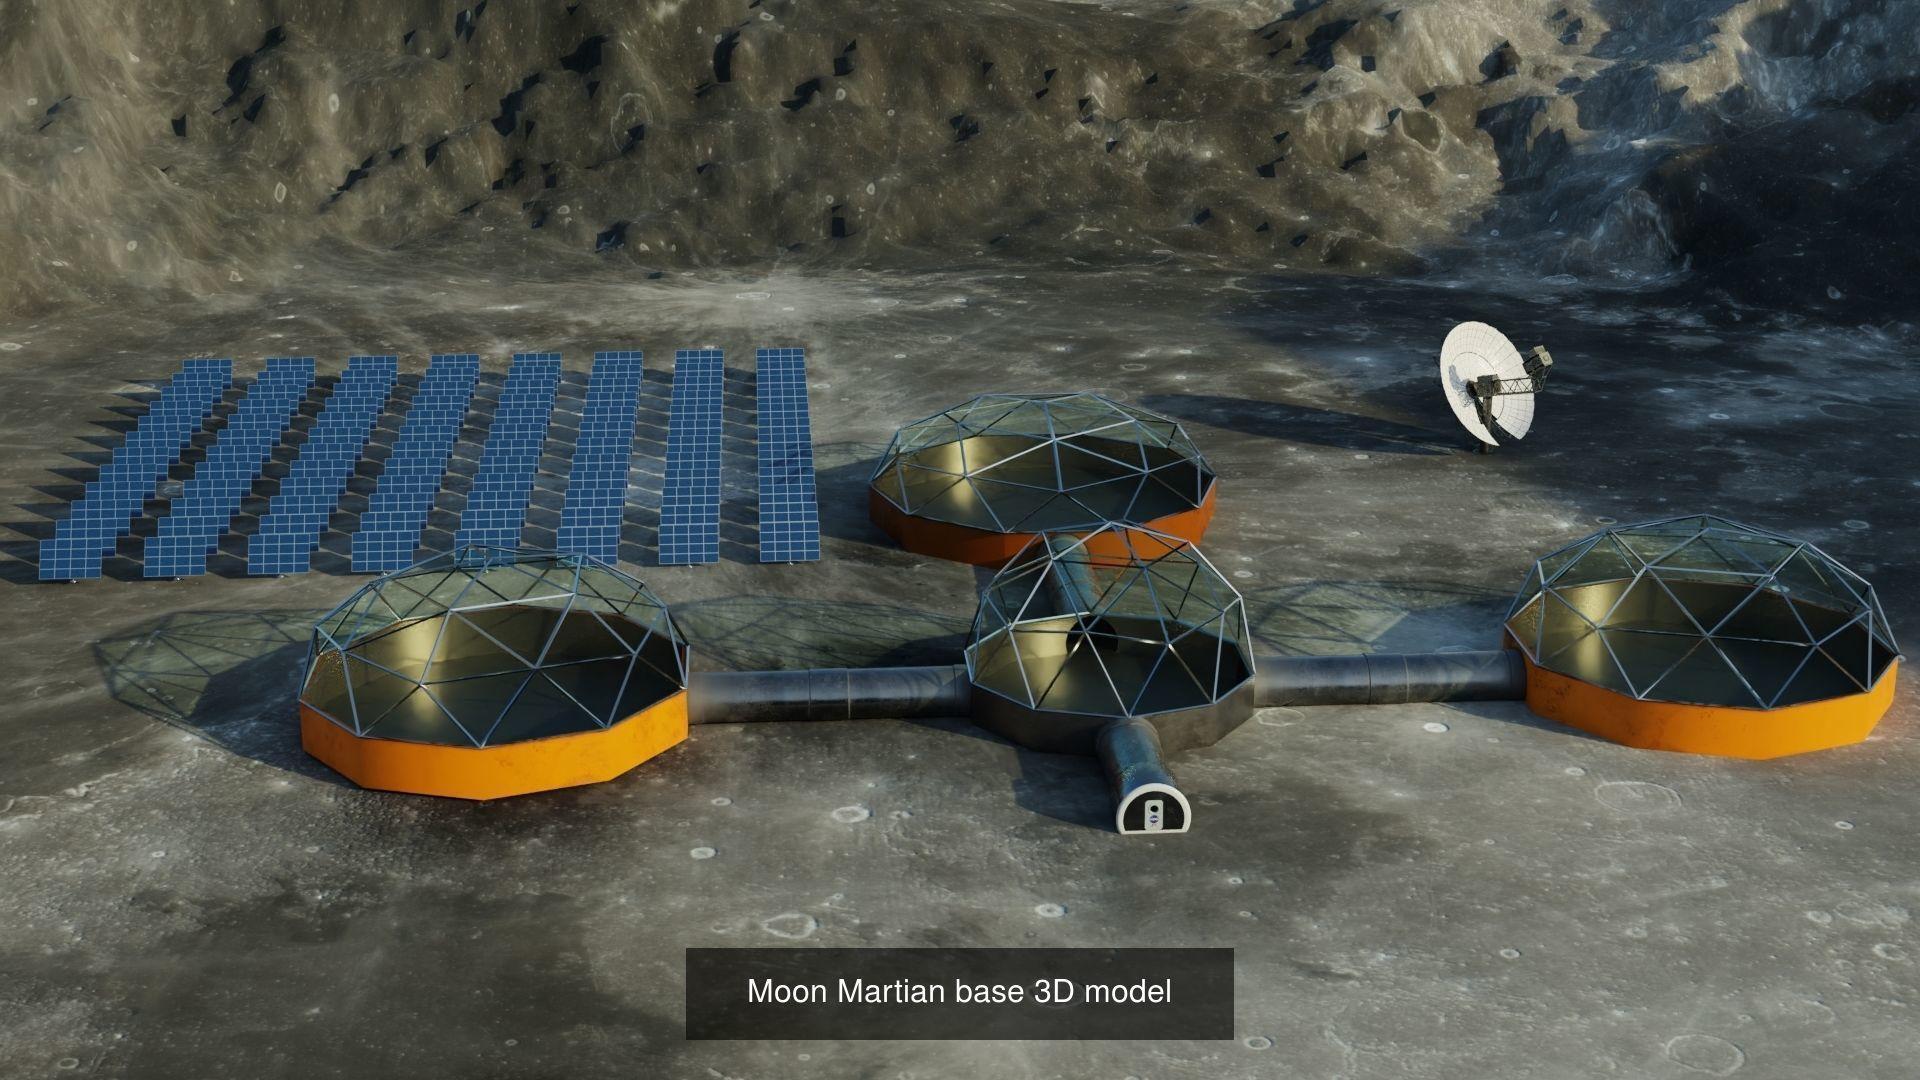 Space 3D models